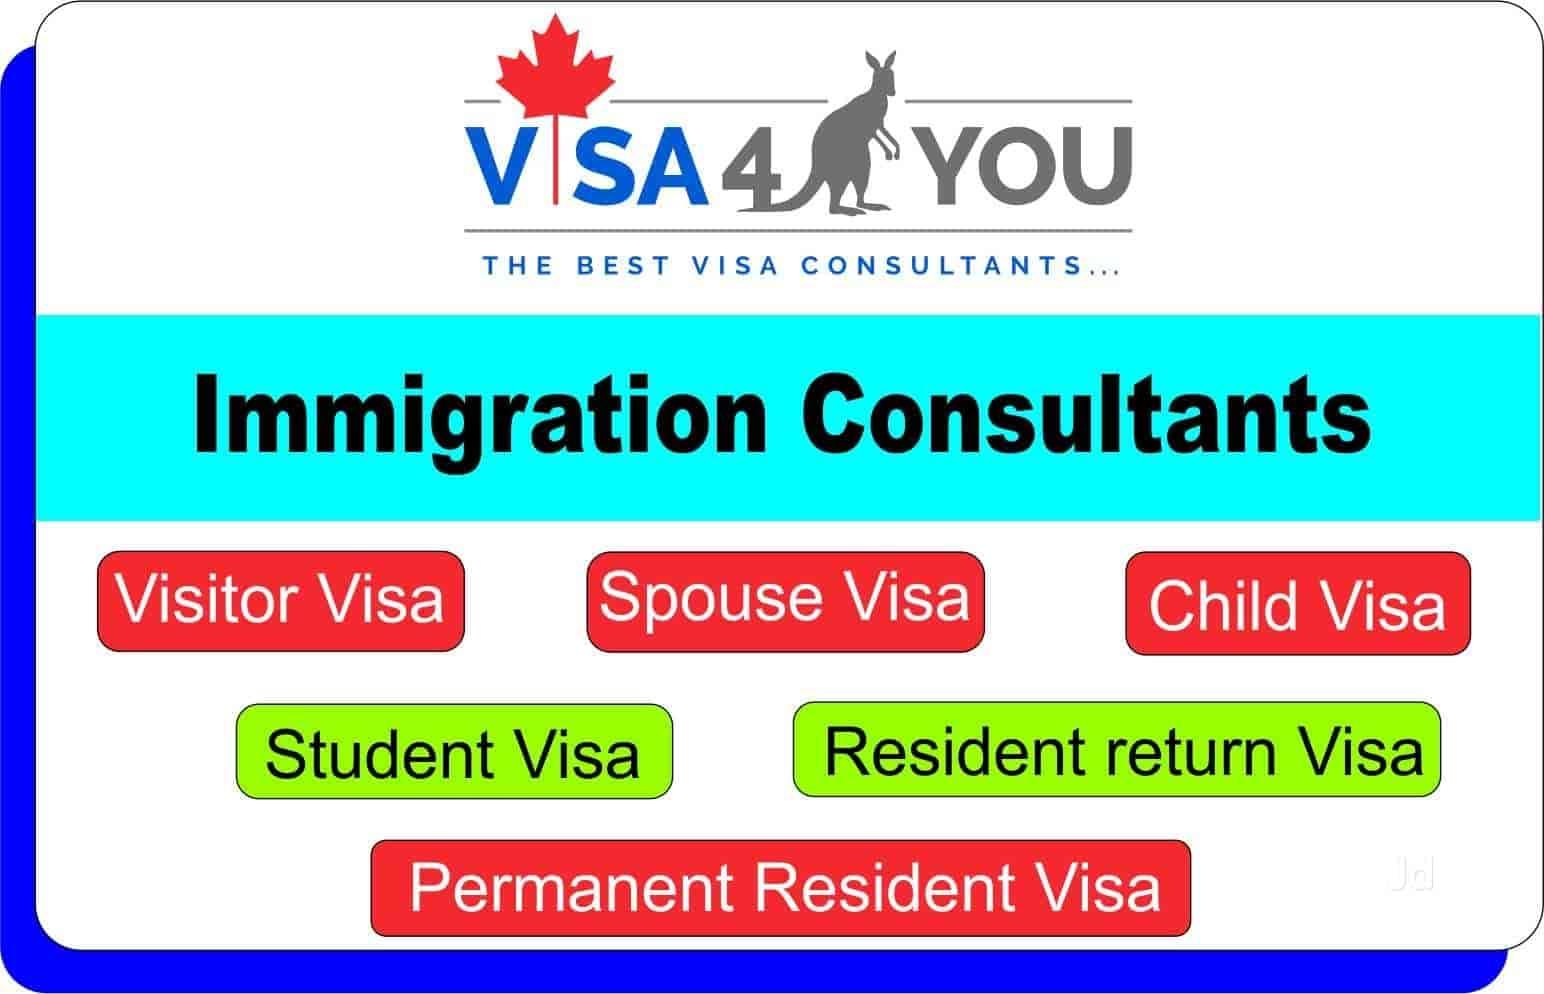 visa 4 you